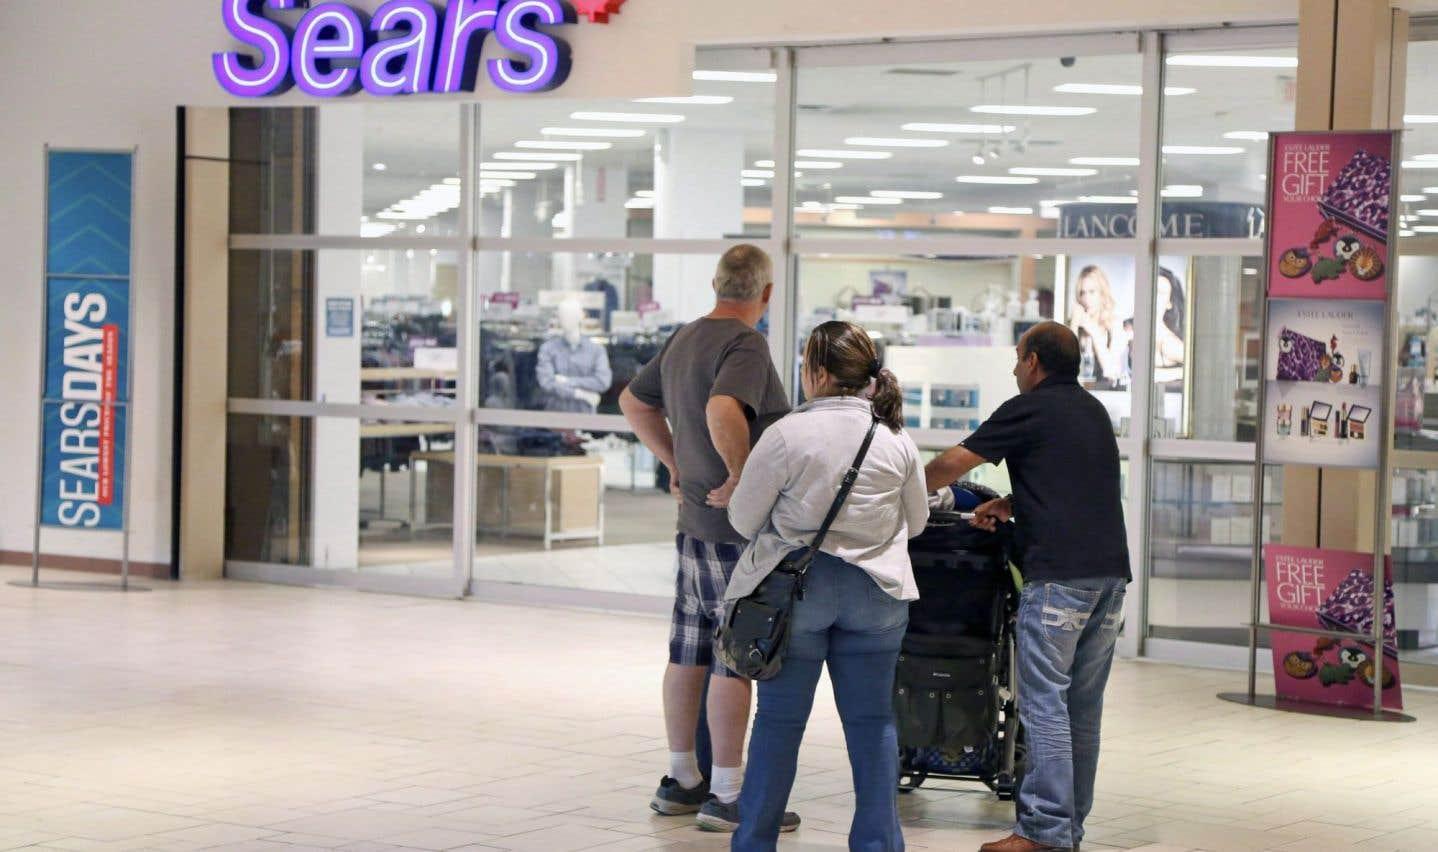 En juin, le détaillant avait annoncé son intention de fermer 59 établissements au pays en plus d'éliminer 2900 postes, sans verser d'indemnités de départ.